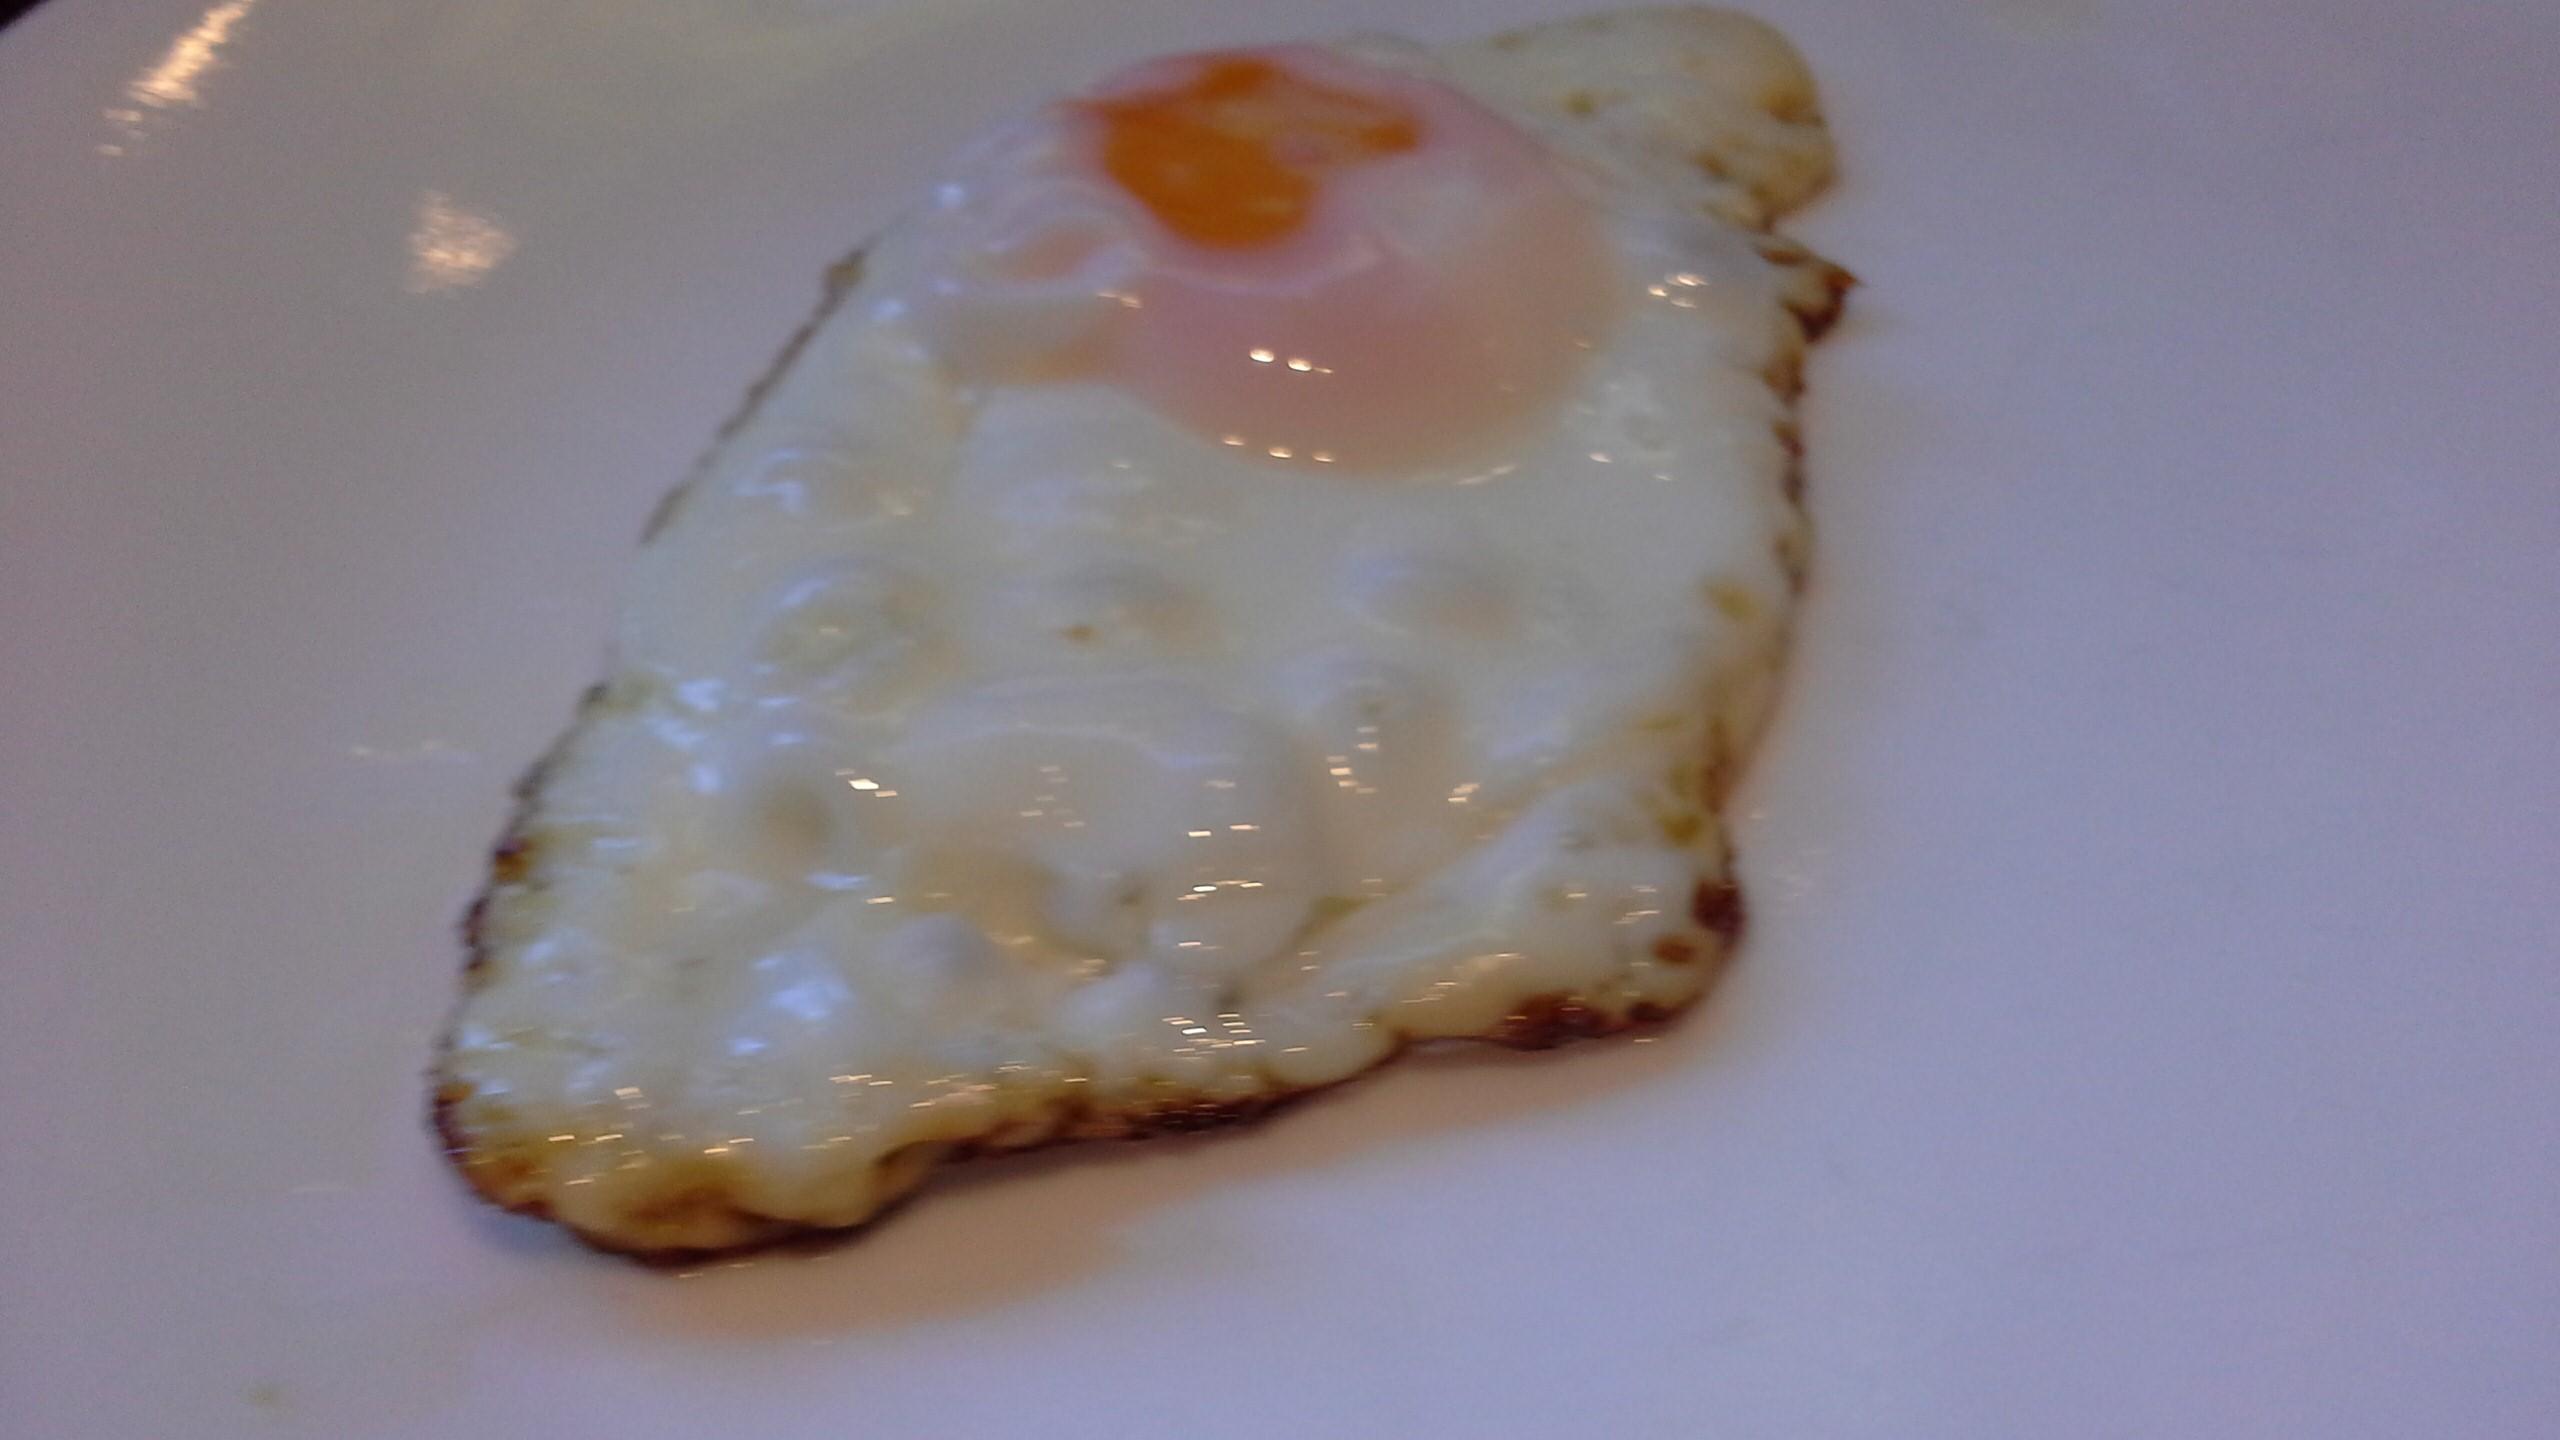 Yummy egg